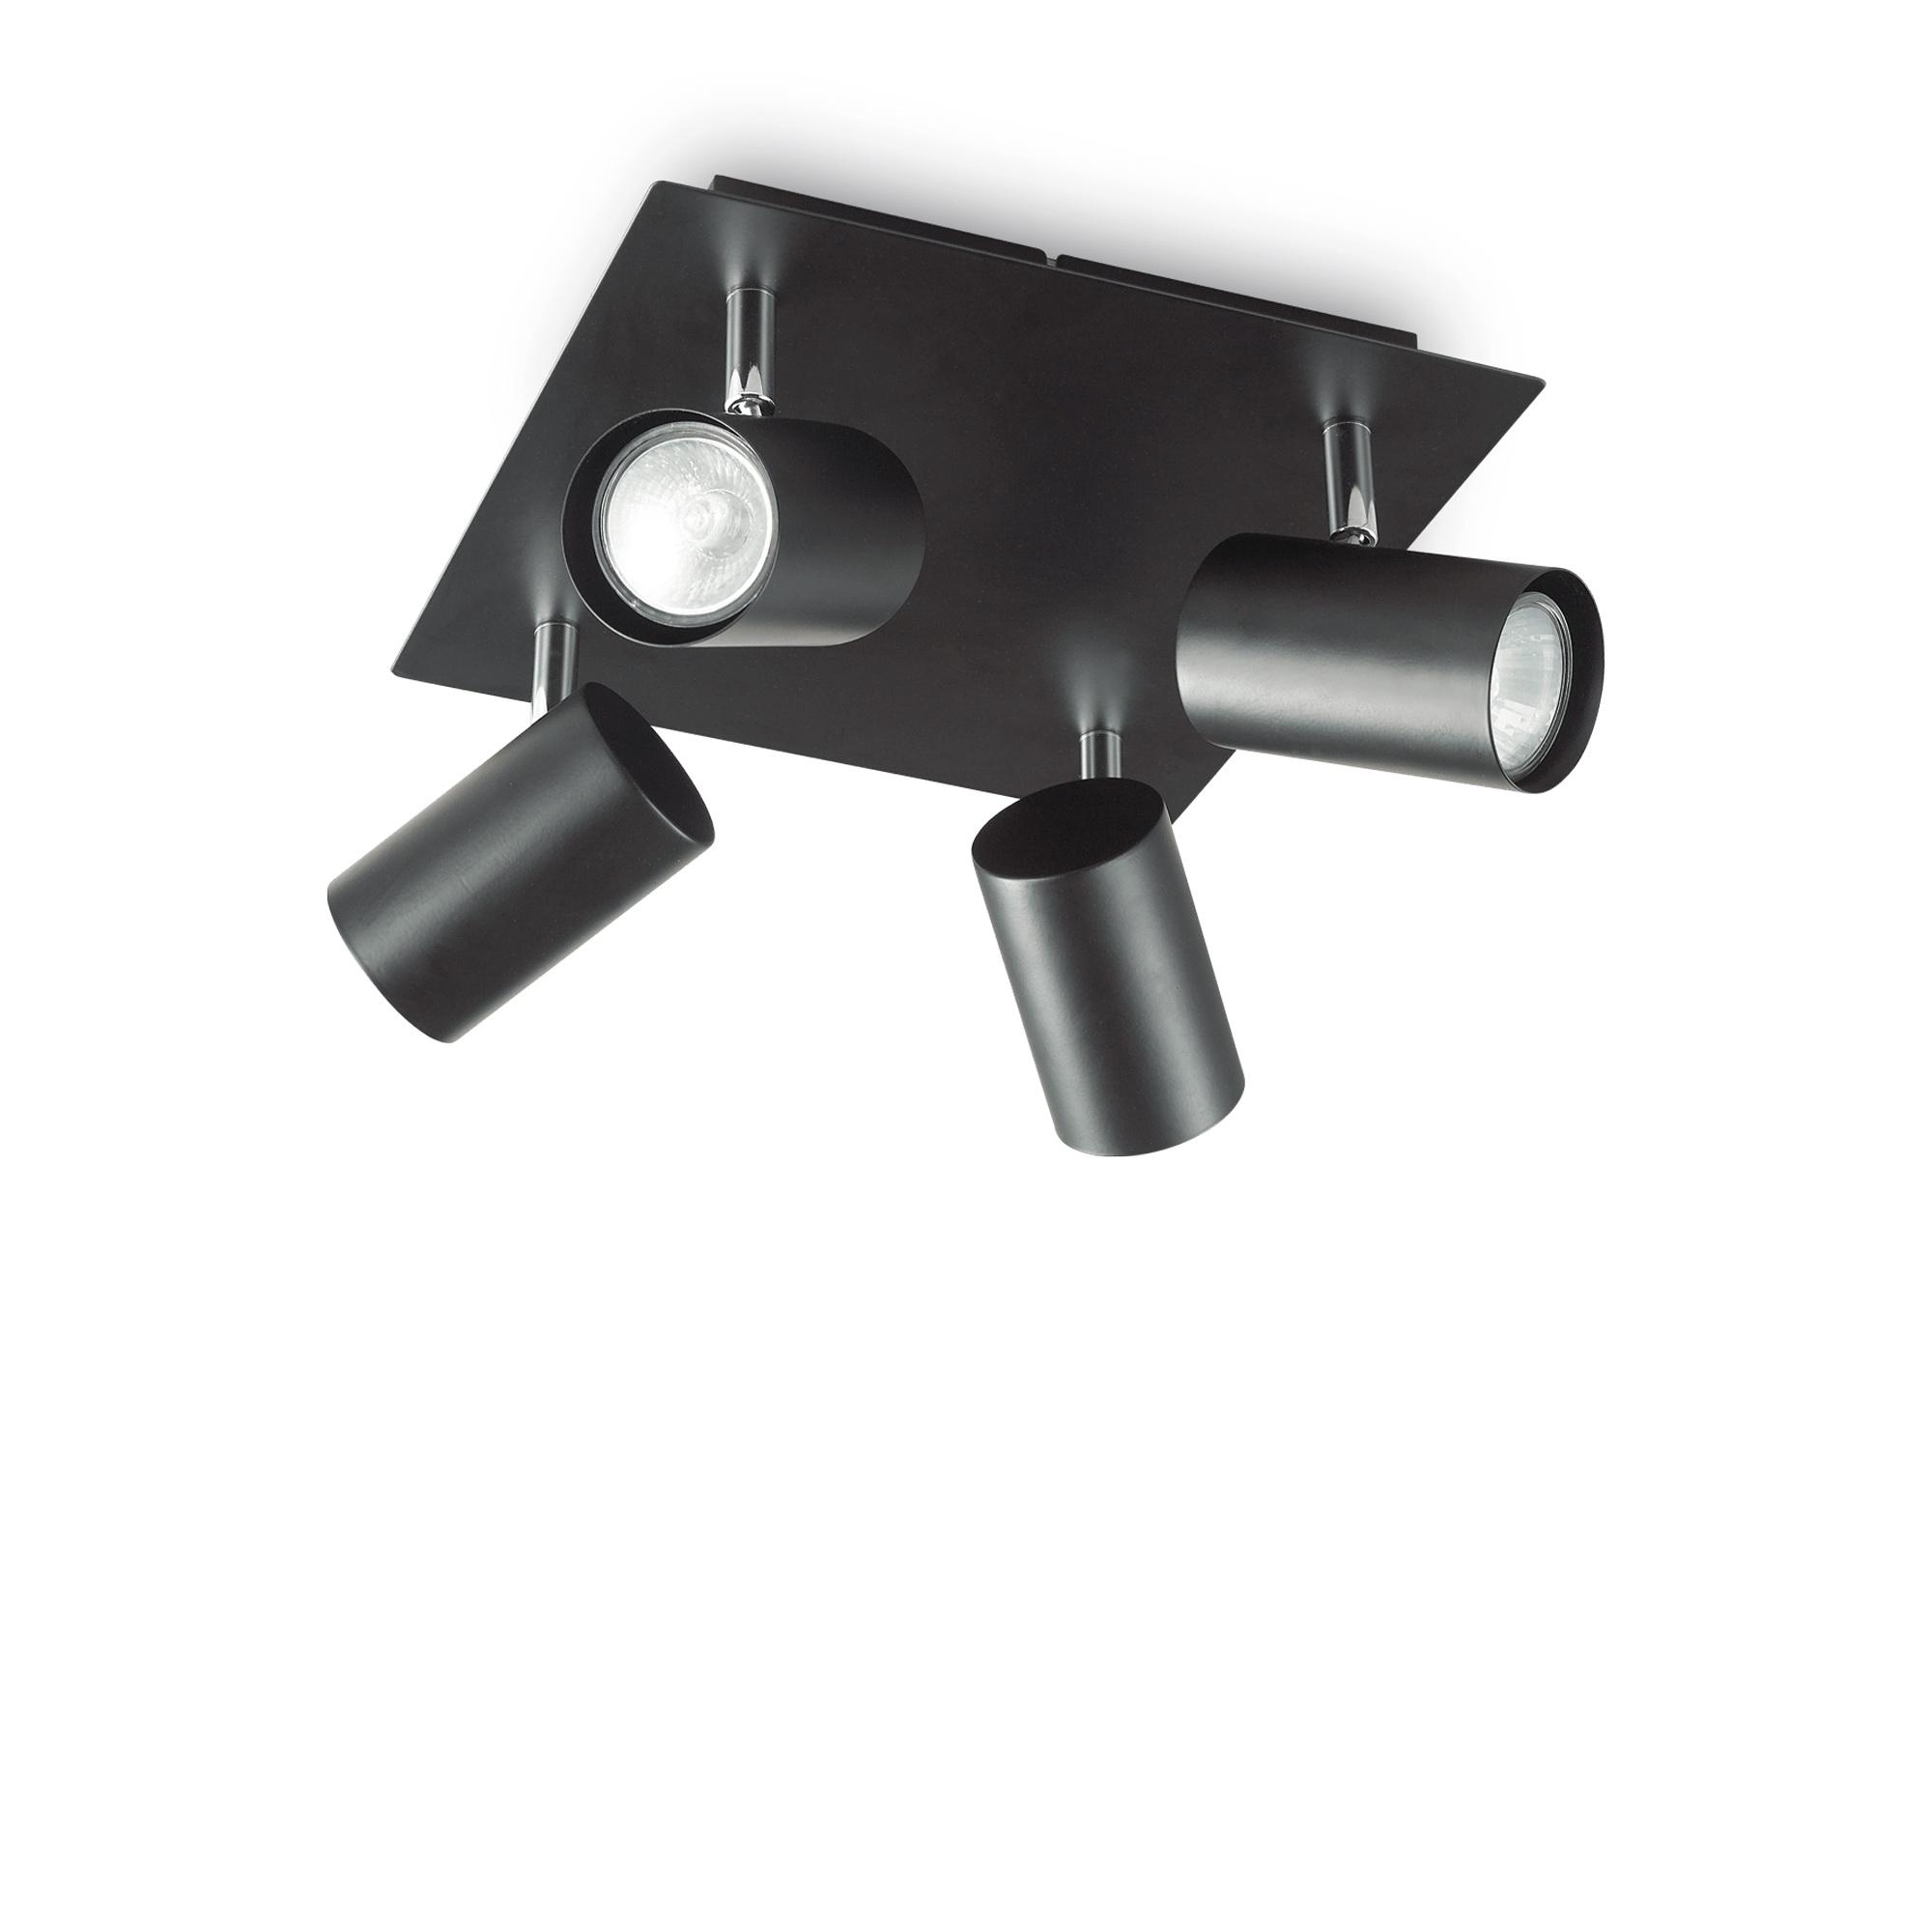 SPOT PL4 NERO потолочный светильник черный